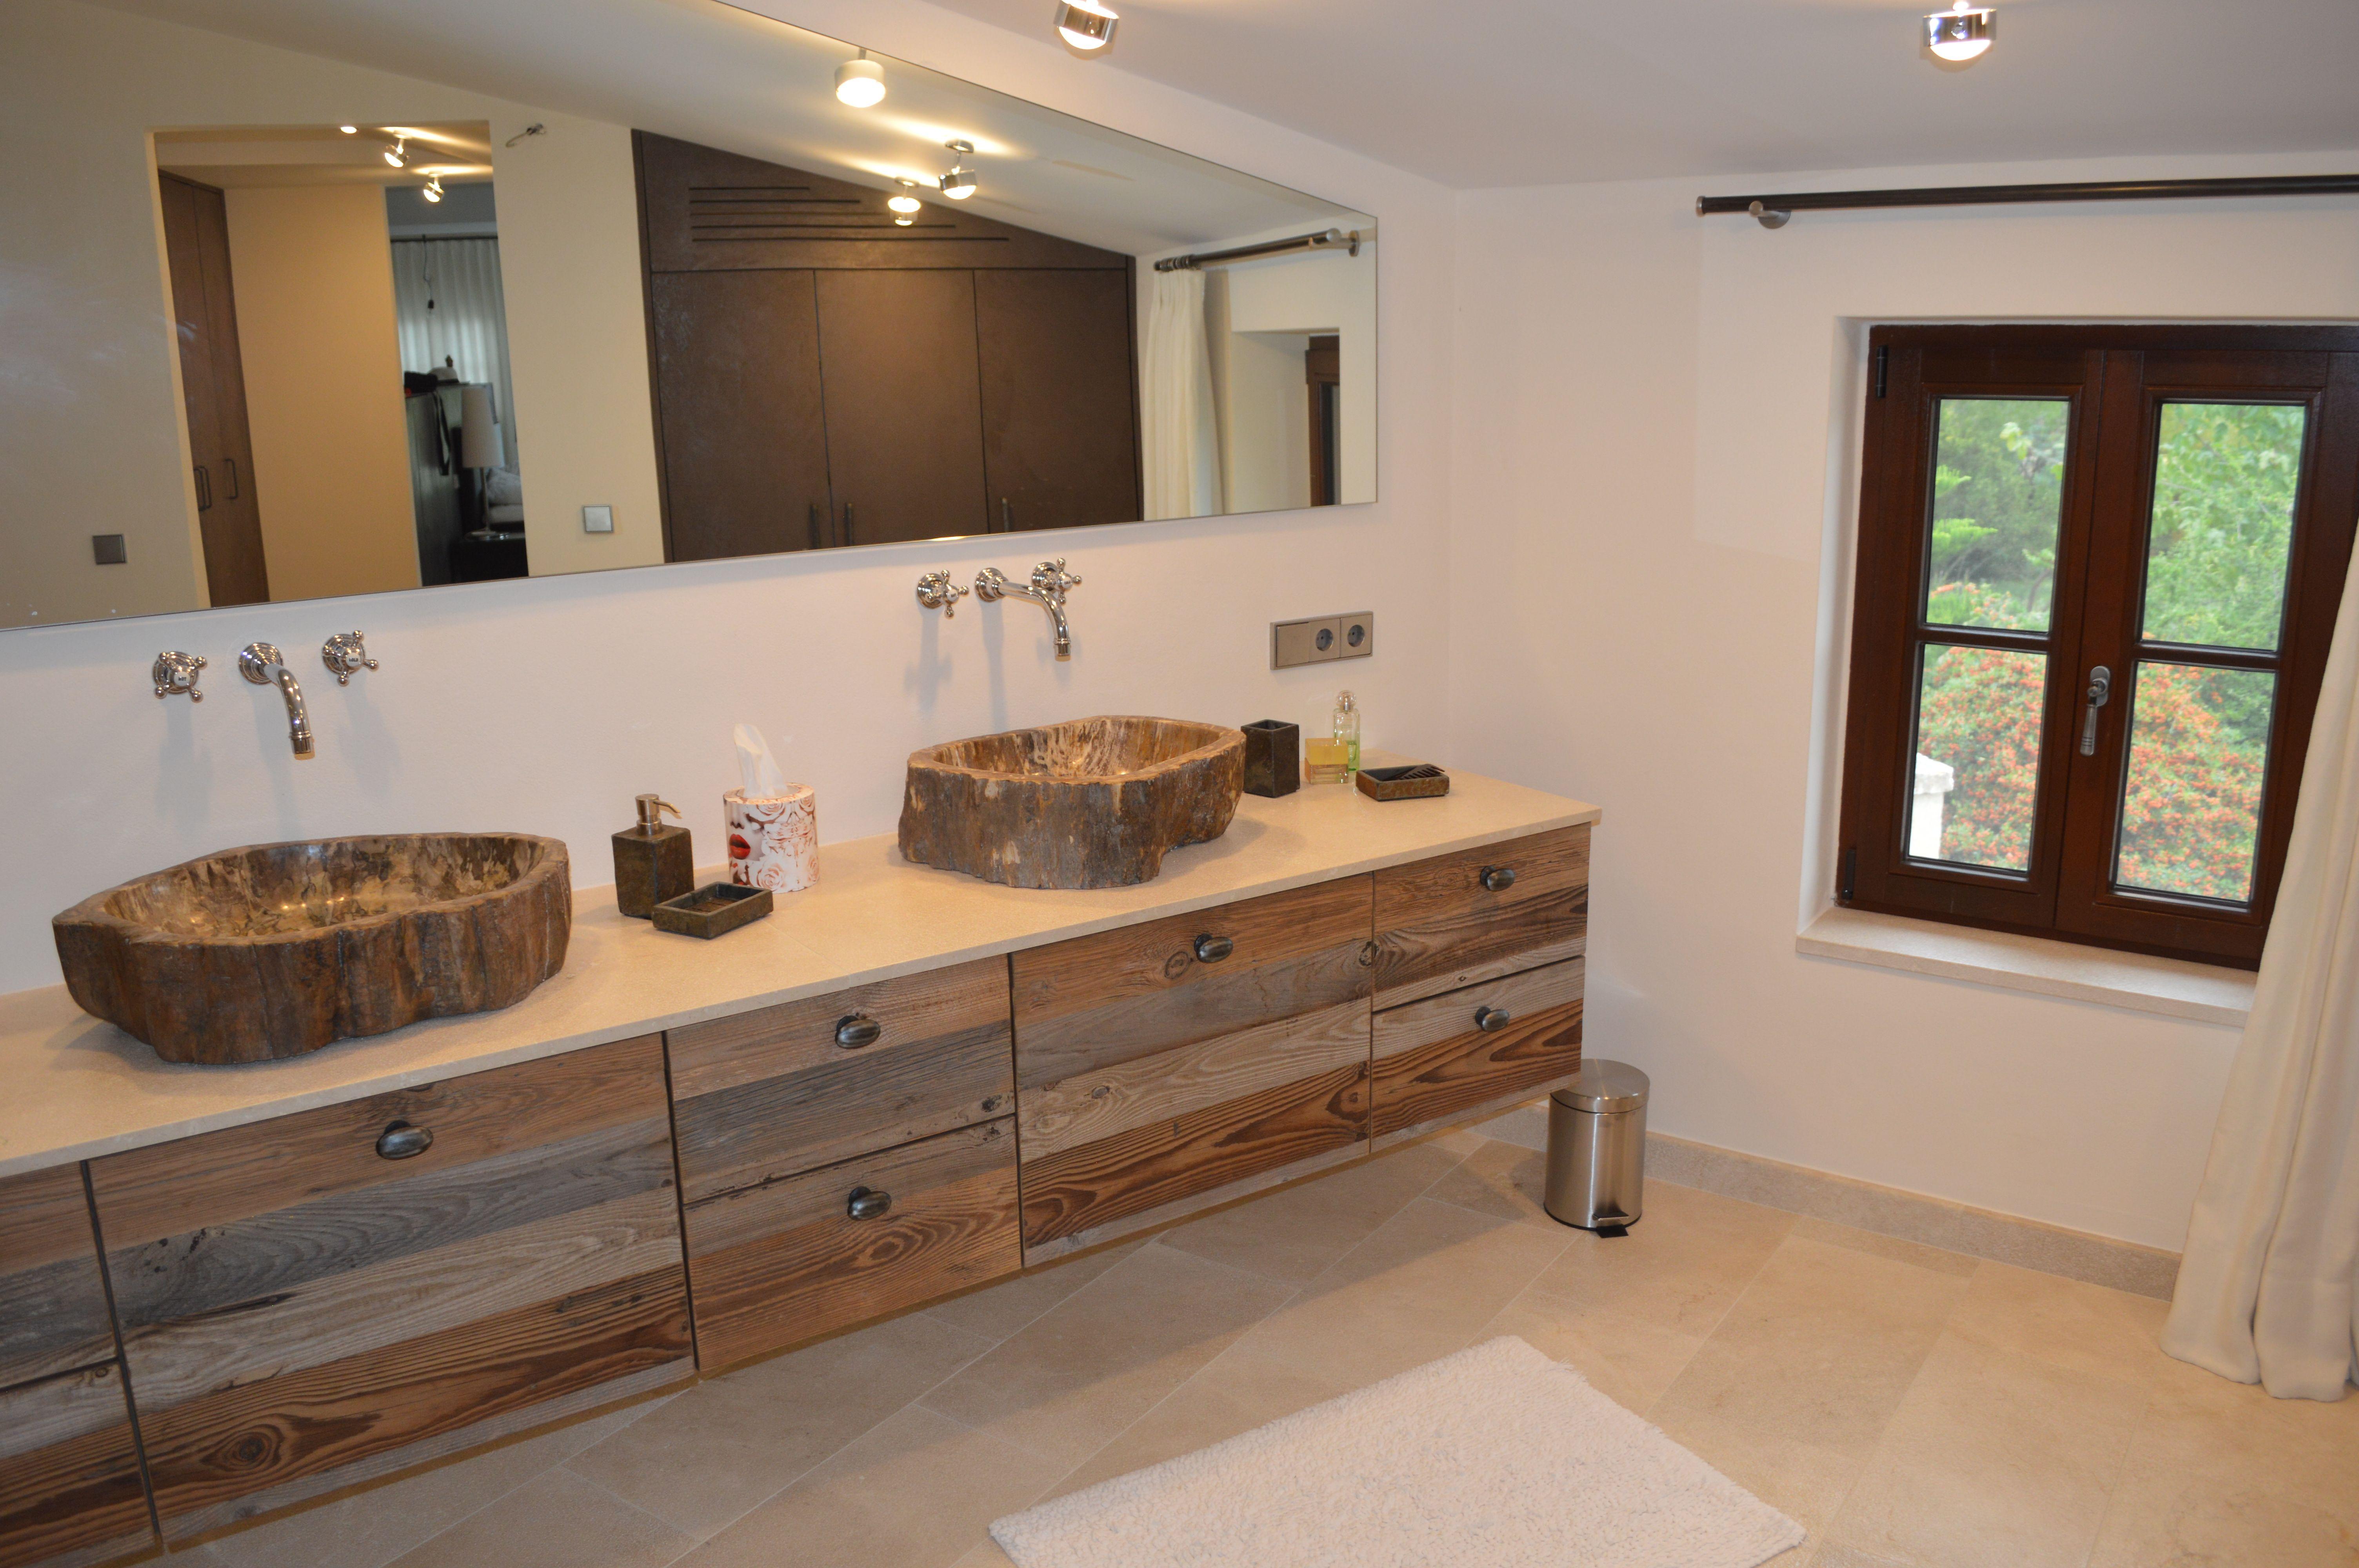 Rustikale Badezimmer Idee Waschtischunterschrank Mit Fronten In